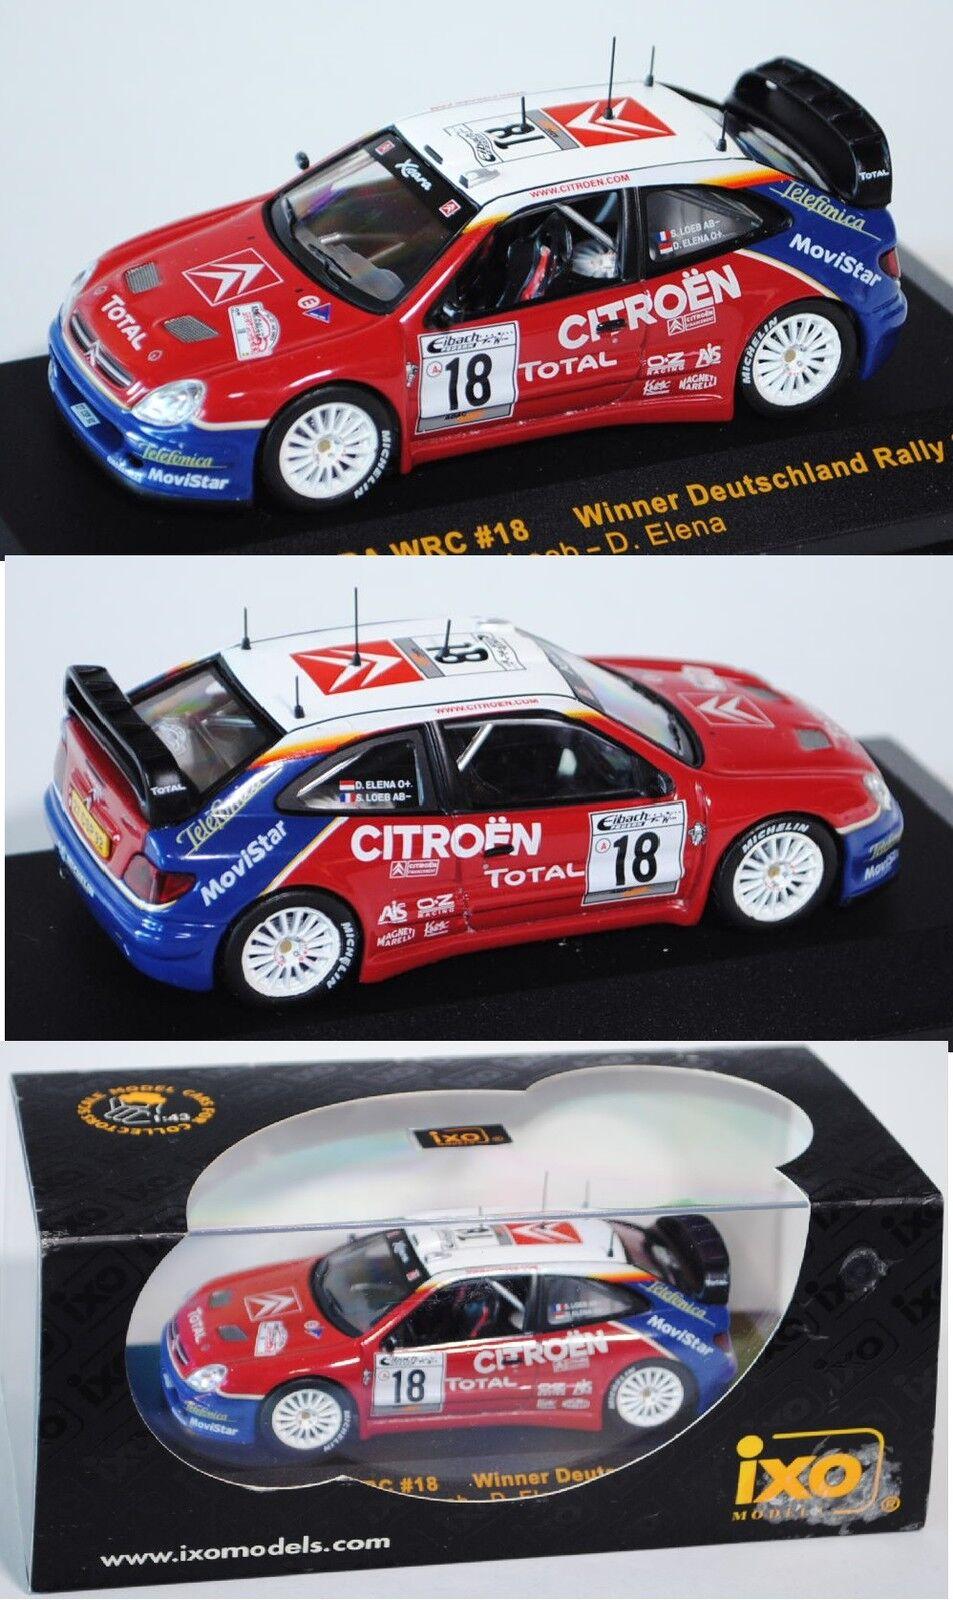 IXO RAM120 Citroen Xsara Xsara Xsara WRC 2003  Deutschland Rallye 2003 Loeb   Elena 1 43 OVP 842f02